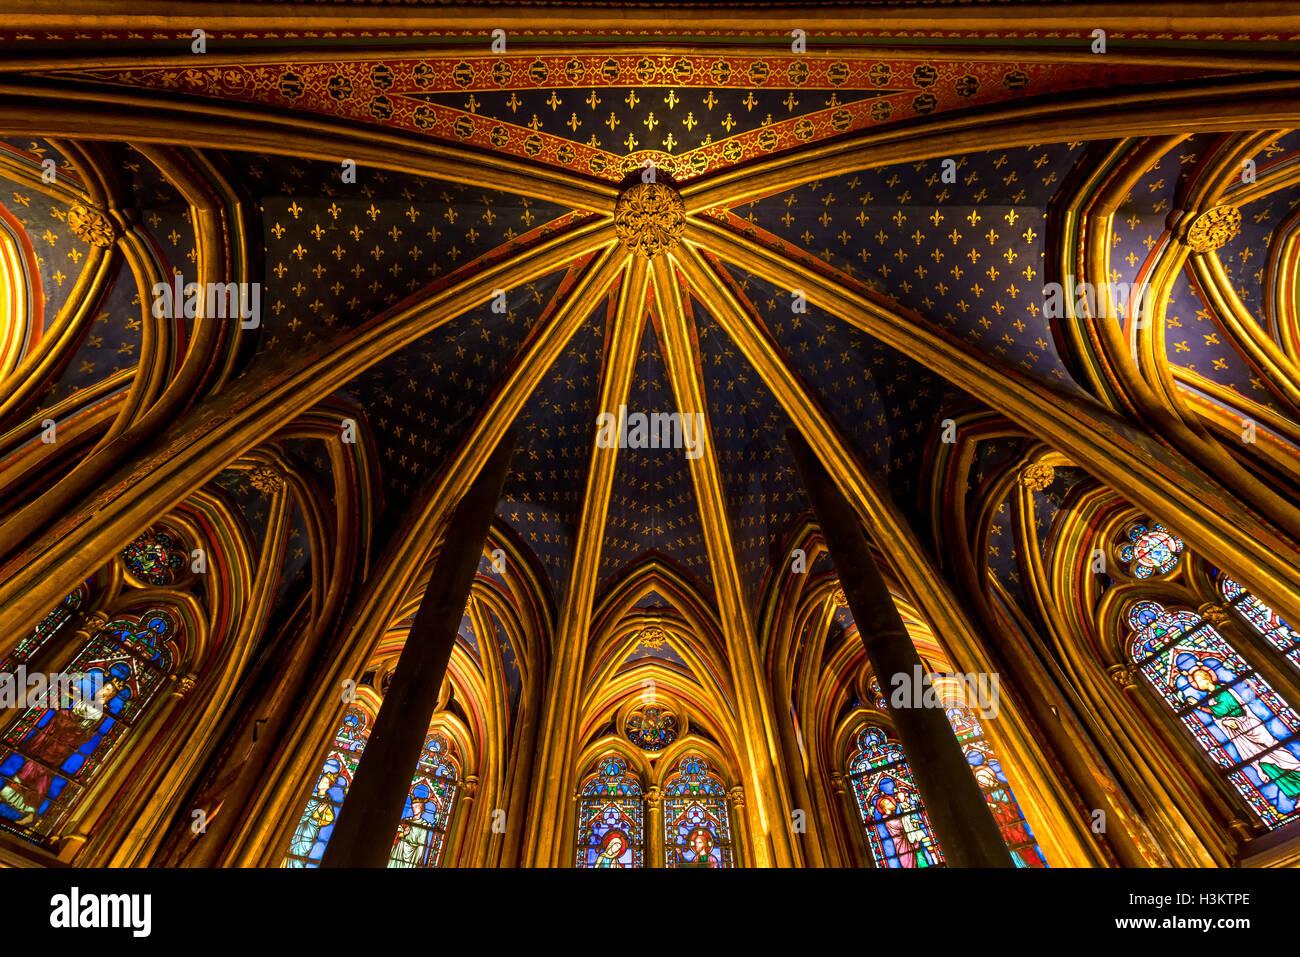 Rayonnant Gothic vaulted ceiling of lower chapel of Sainte Chapelle, Ile de la Cite, Paris, France - Stock Image